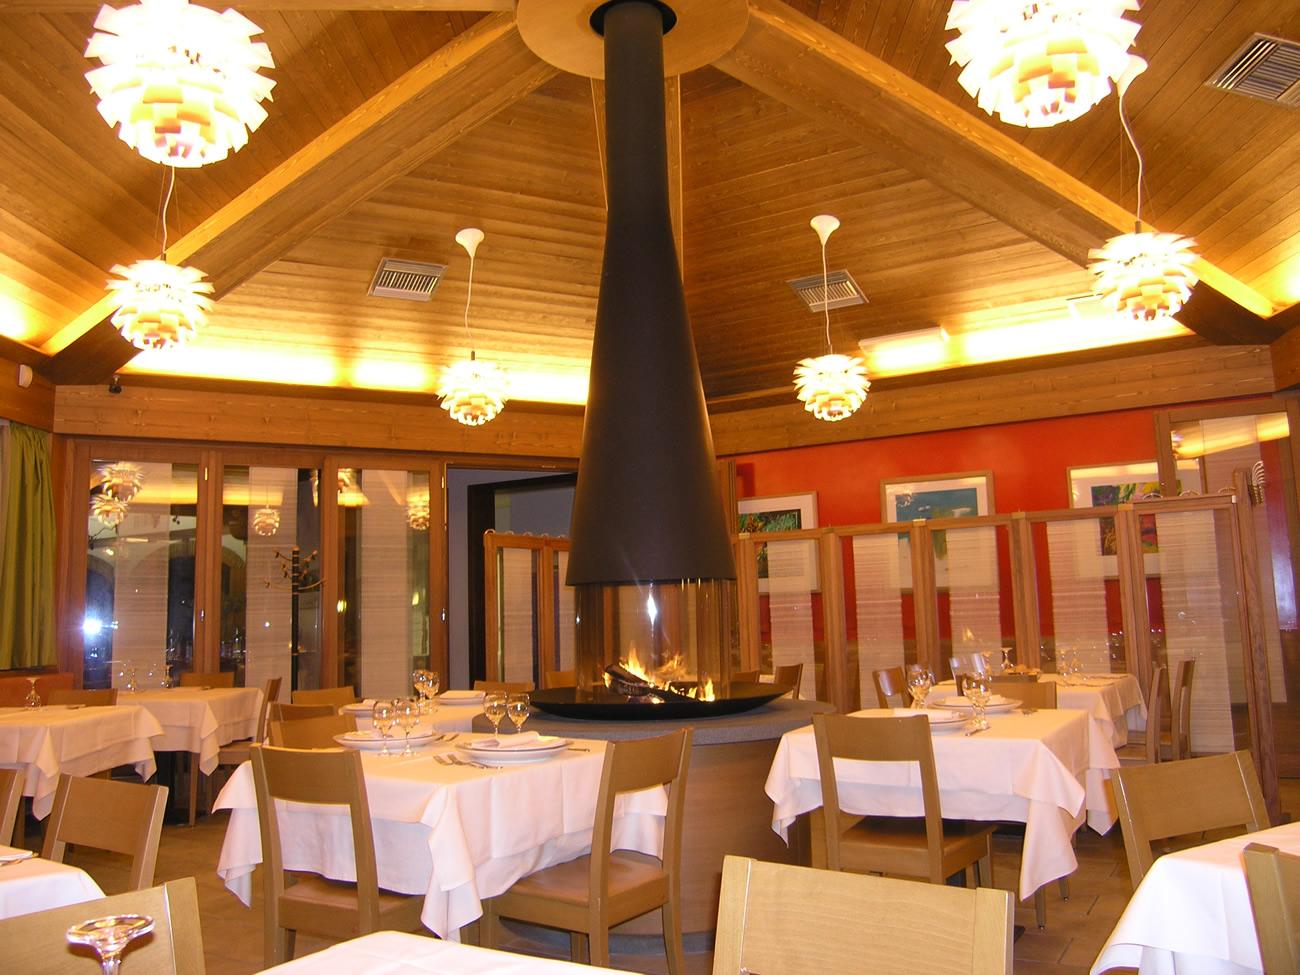 Arredamento ristorante moderno aq75 regardsdefemmes for Arredamento per pizzeria